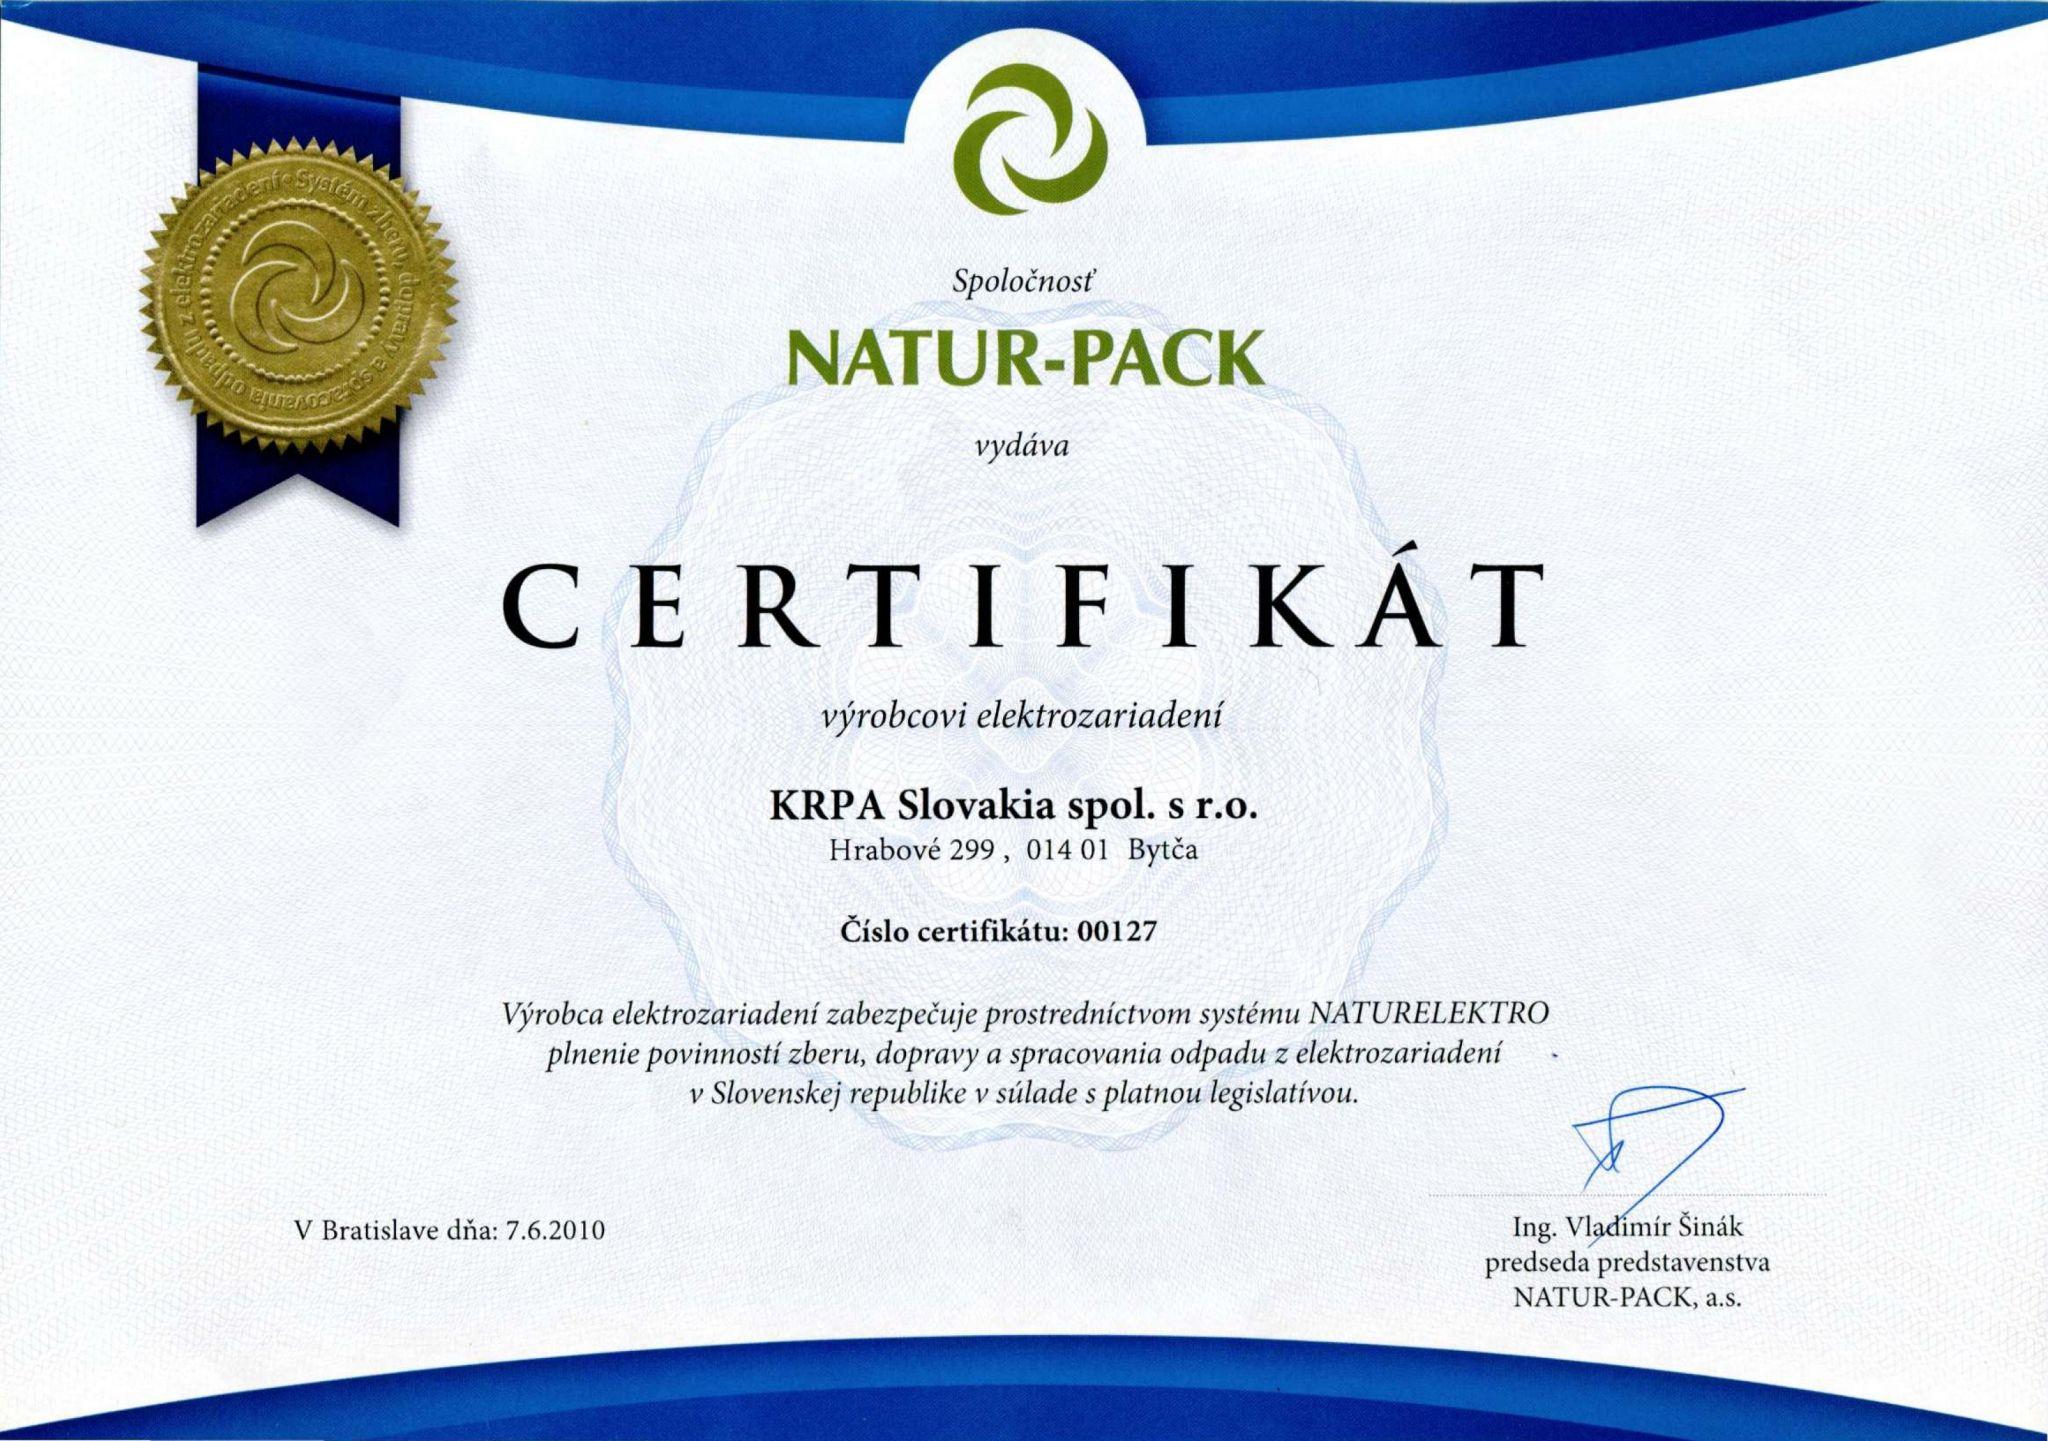 natru-pack